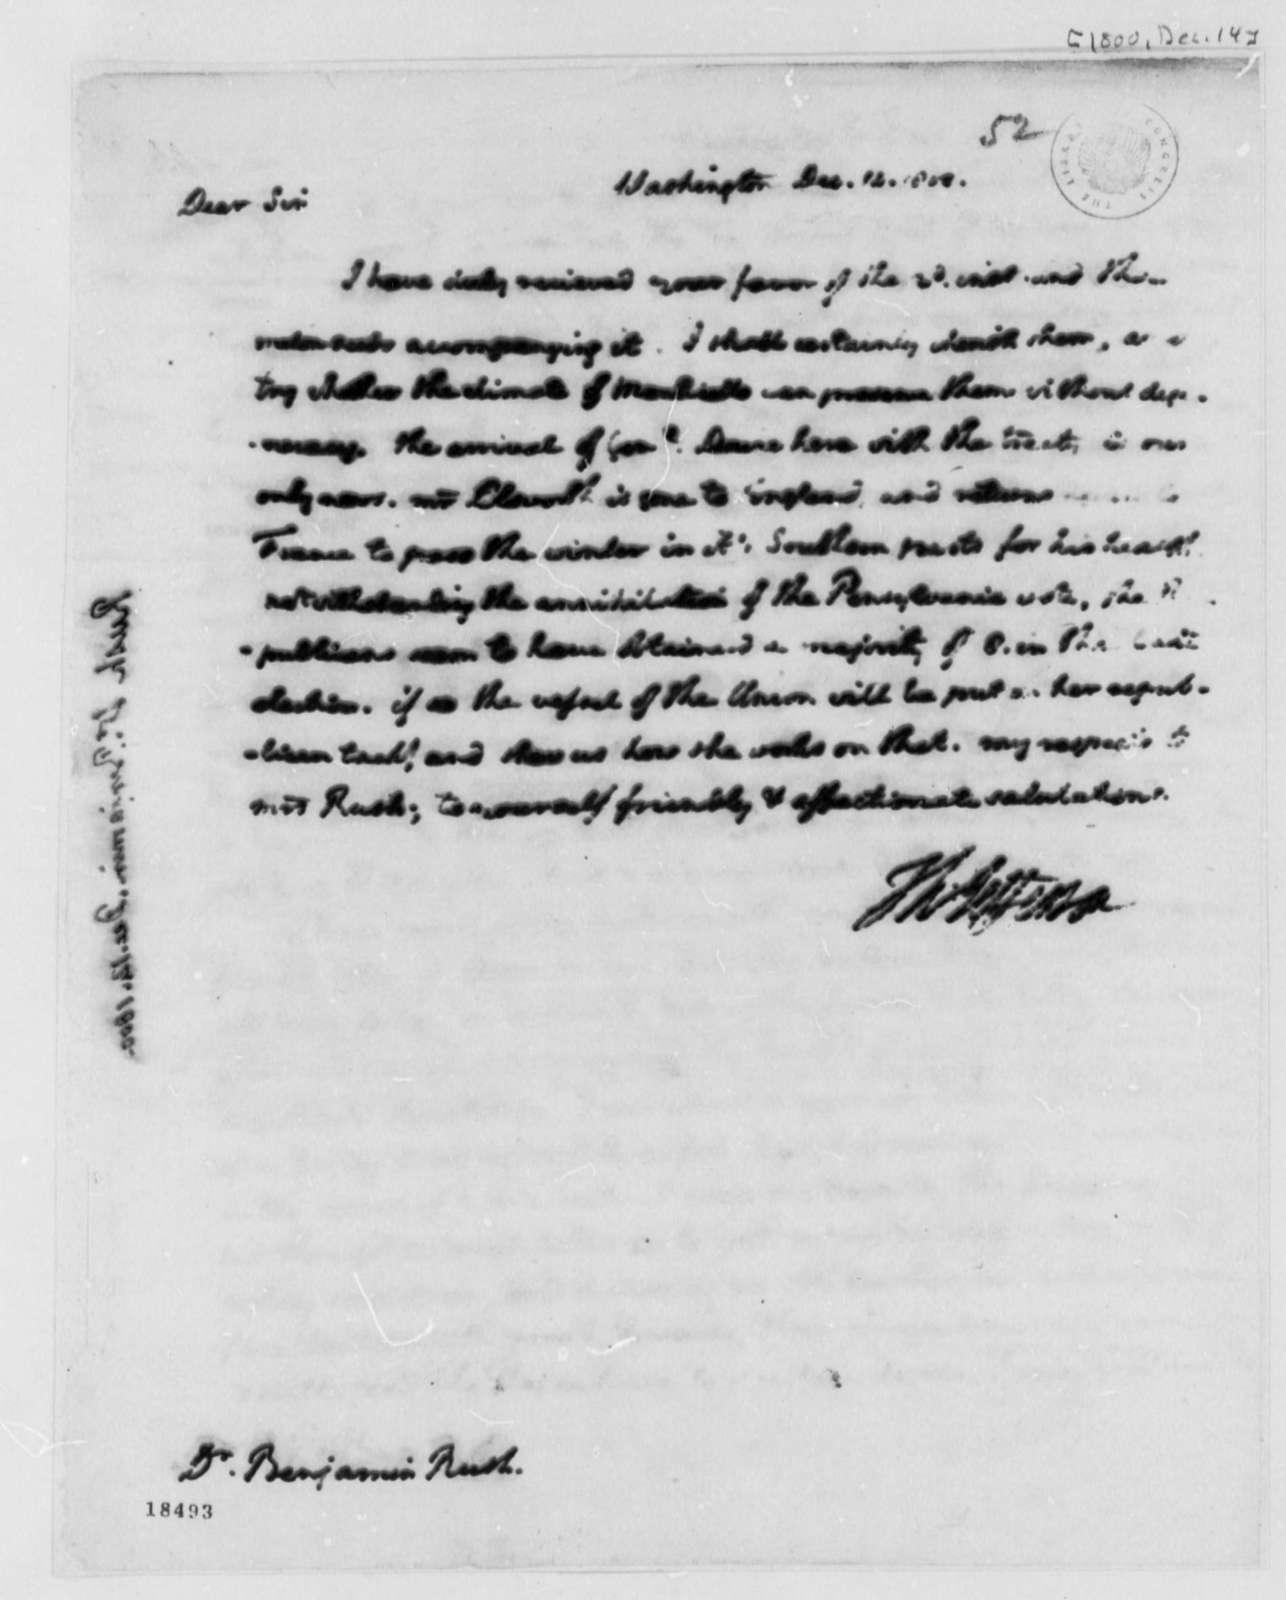 Thomas Jefferson to Benjamin Rush, December 14, 1800